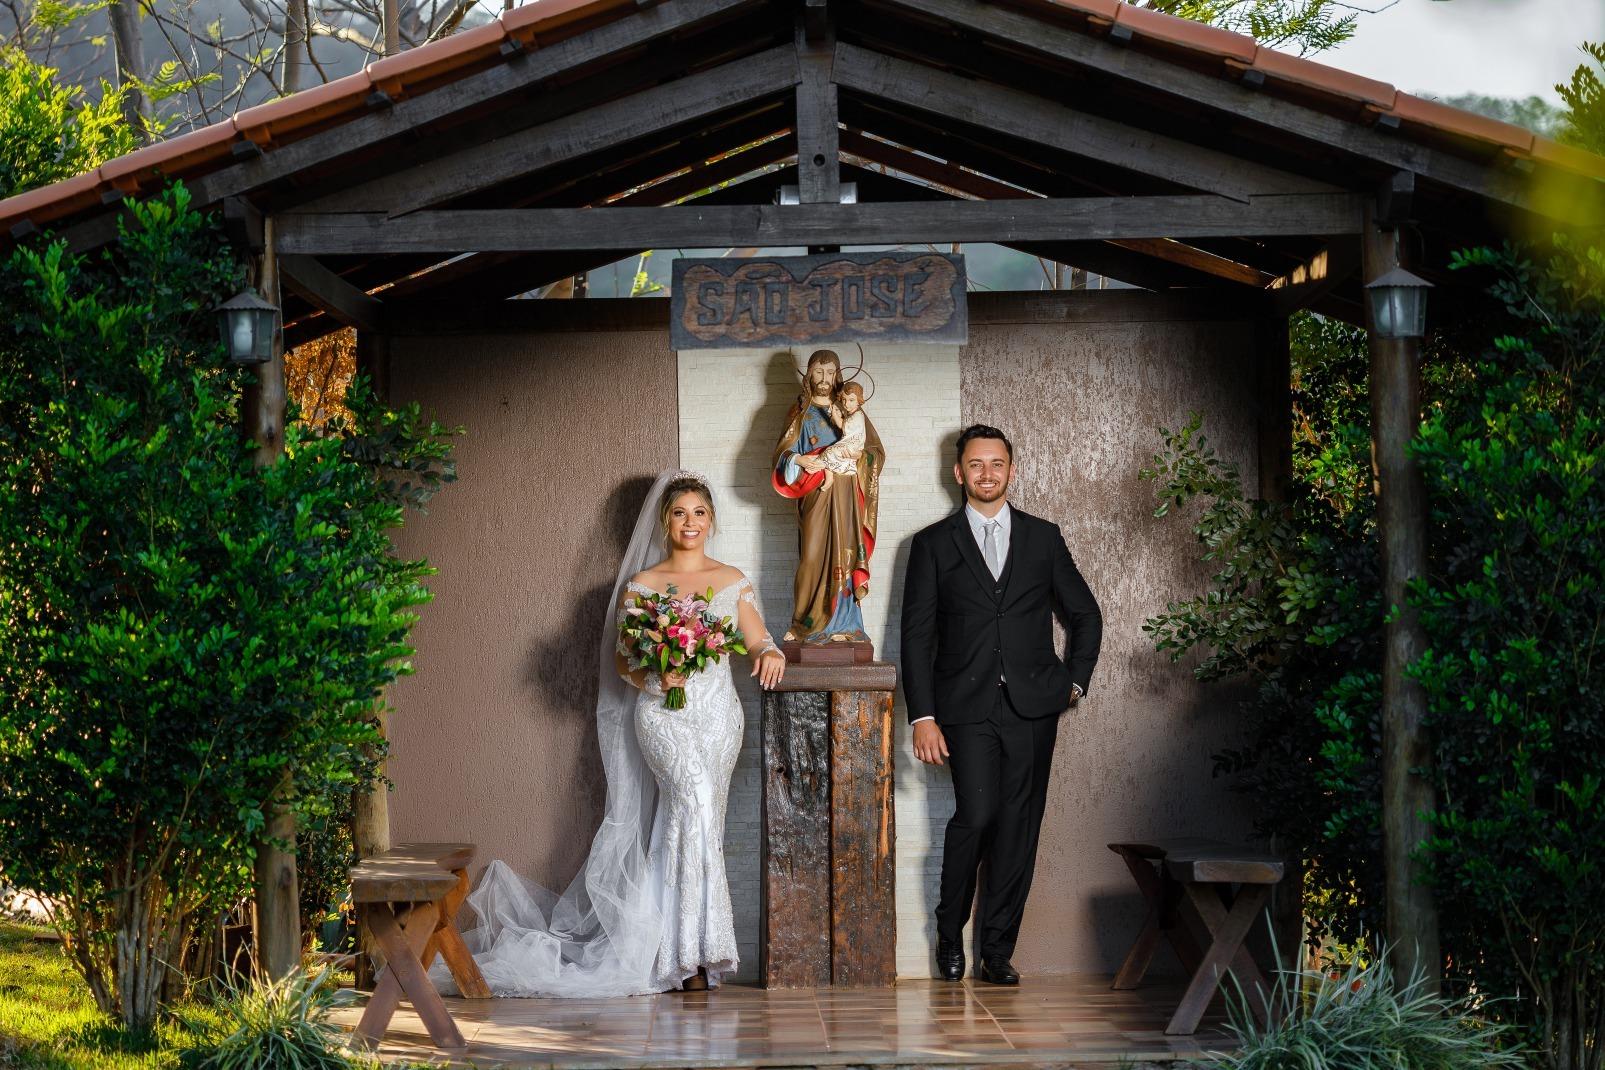 Fotos pós wedding no Vale da Misericórdia em Itaúna de Sabrina e Marcelo - Foto Demetrio Laurentys - Vestido Zephora